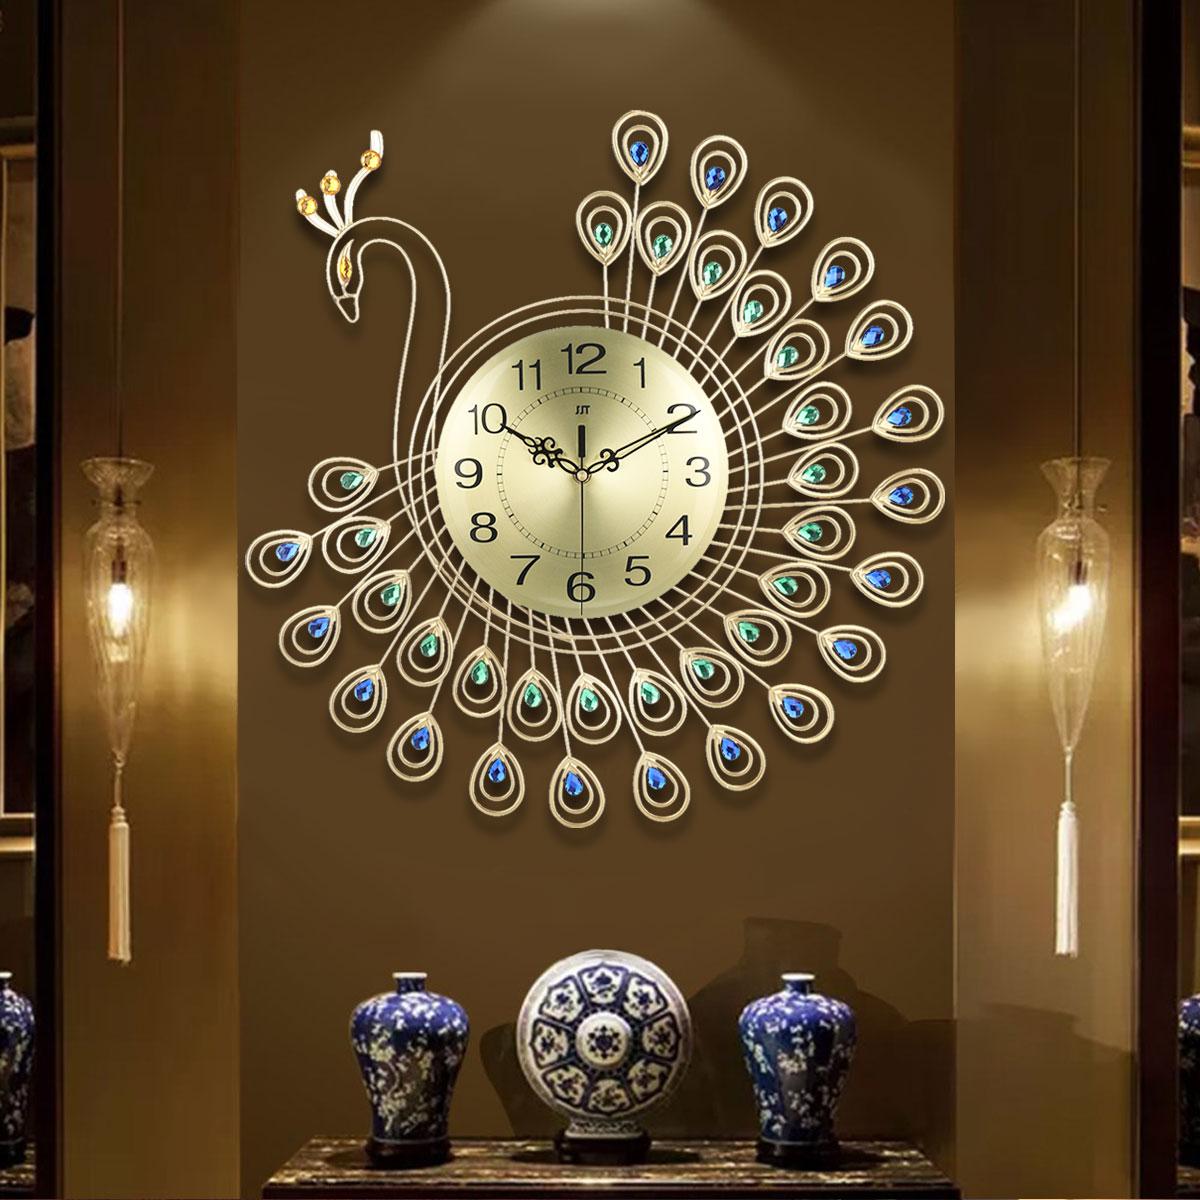 Duży 3d Złoty Diament Paw Zegar ścienny Metalowy Zegarek Dla Domu Salon Dekoracji Diy Zegary Rzemiosło Ozdoby Prezent 53x53cm